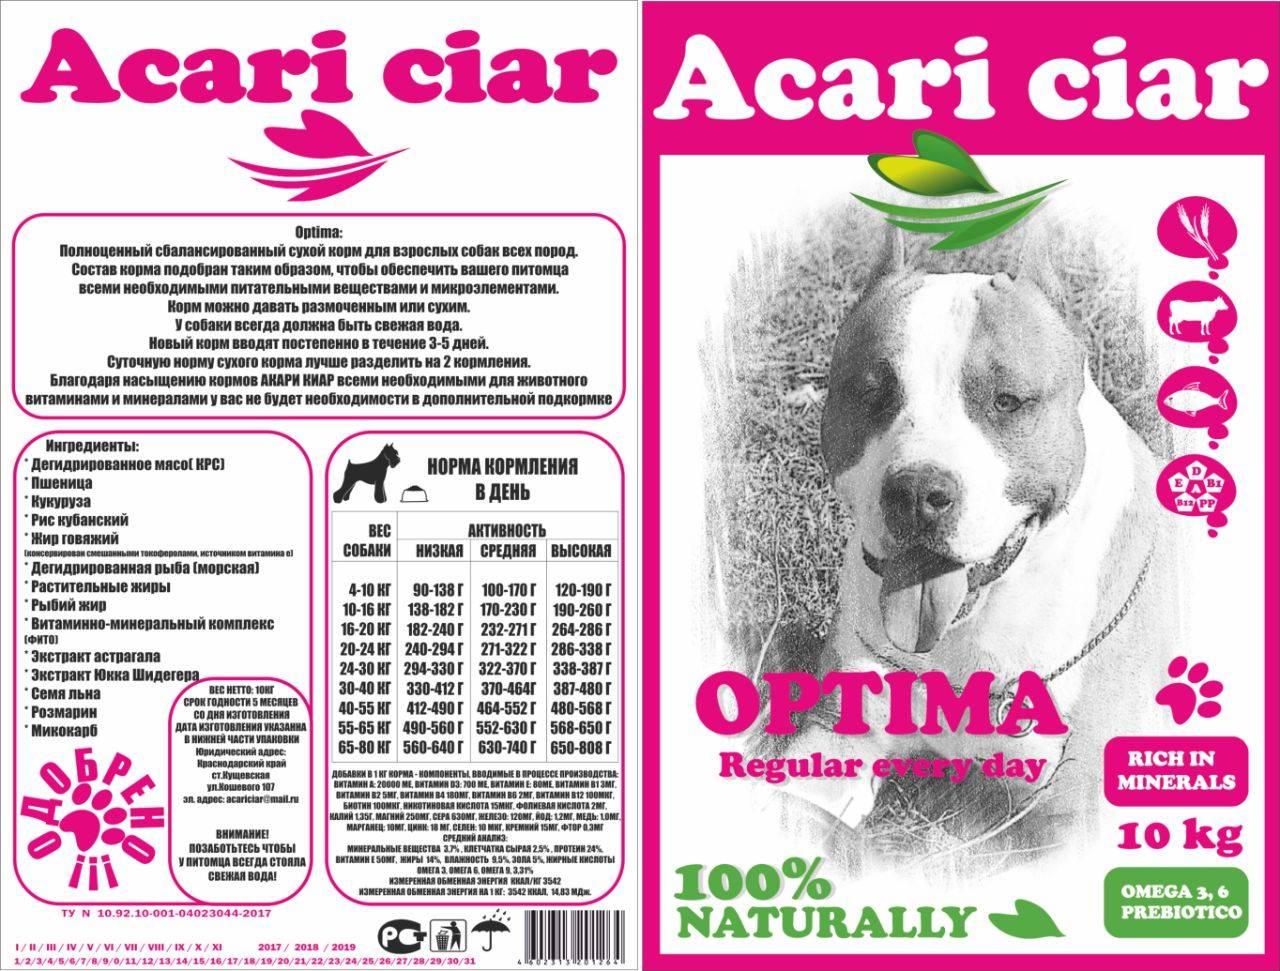 Корма для собак meradog (мерадог): ассортимент, состав, гарантированные показатели производителя, плюсы и минусы кормов, выводы